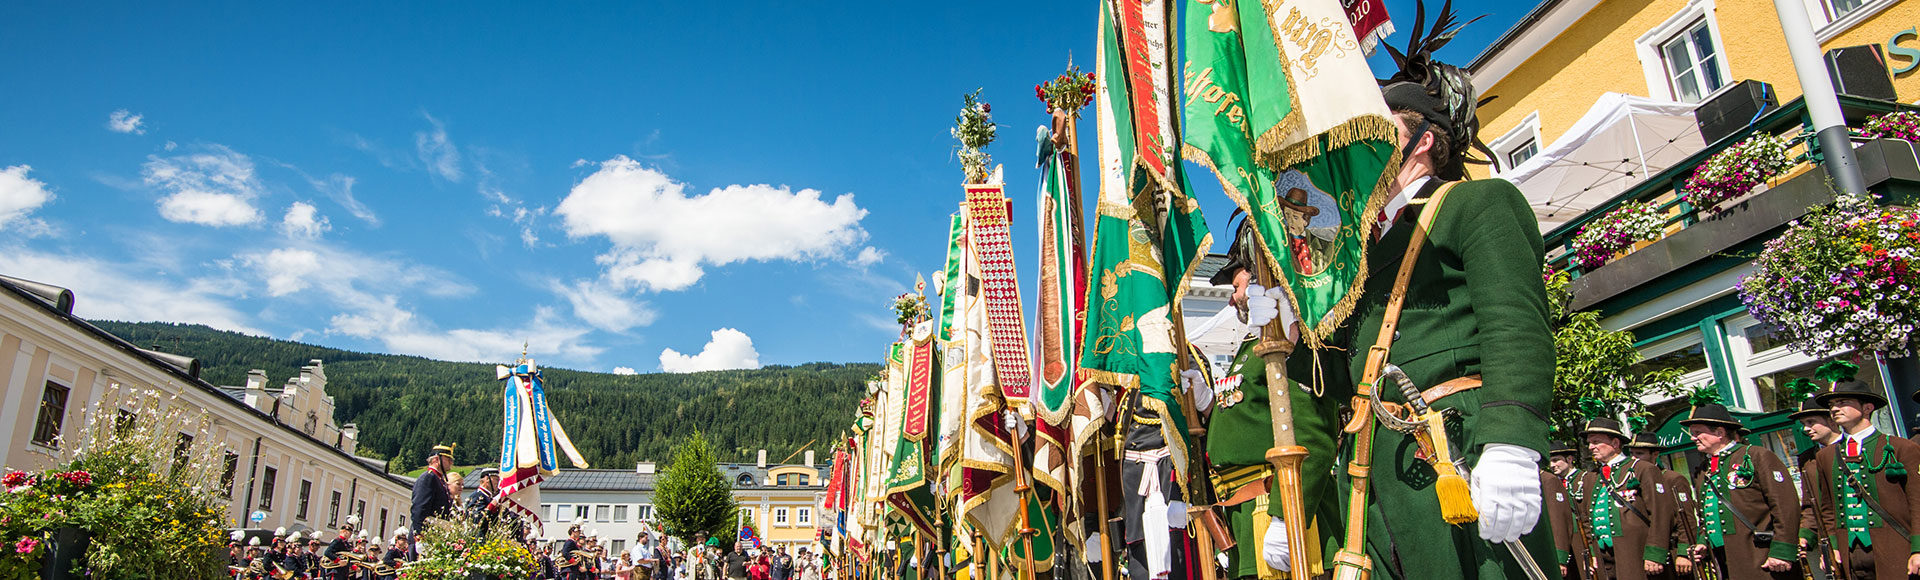 Radstaedter Gardefest Tourismusverband Radstadt Lorenz Masser 1